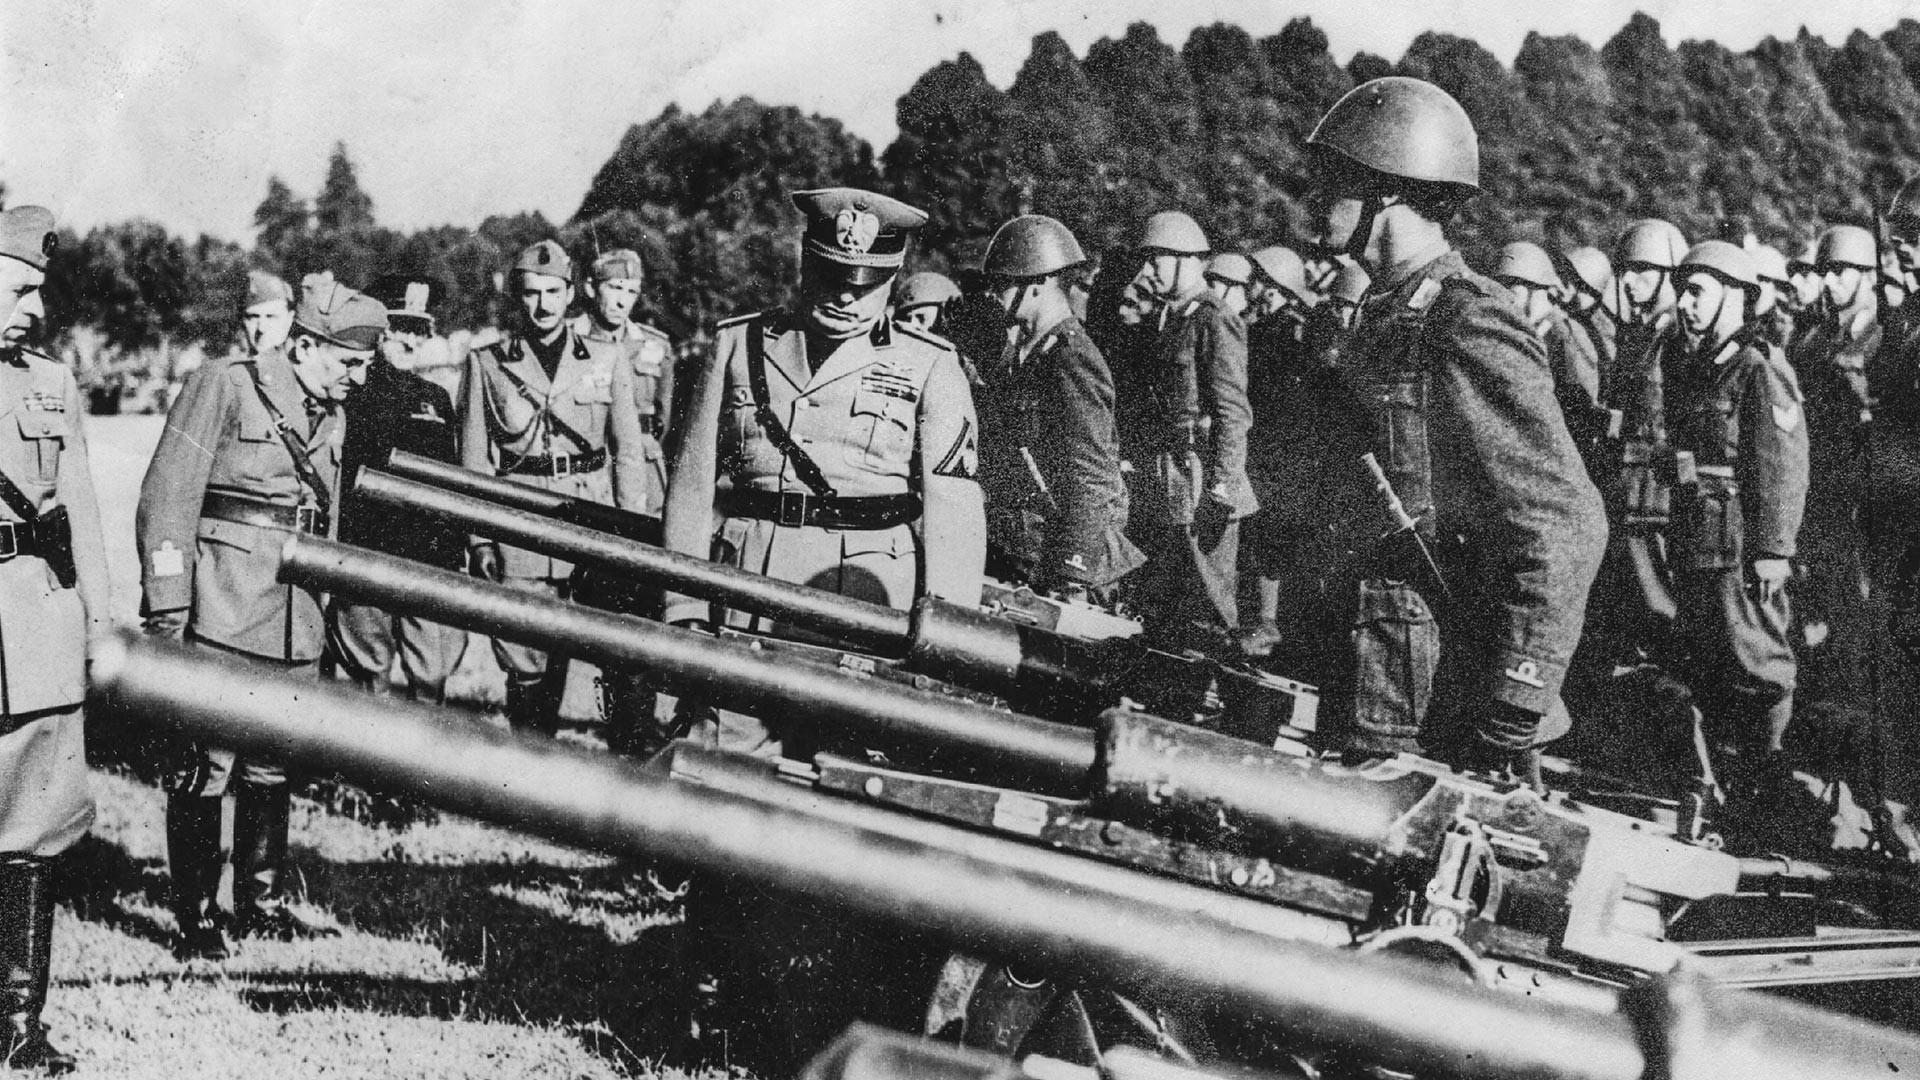 Benito Mussolini ispeziona i quattro cannoni che ha inviato con la prima divisione di soldati sul fronte russo